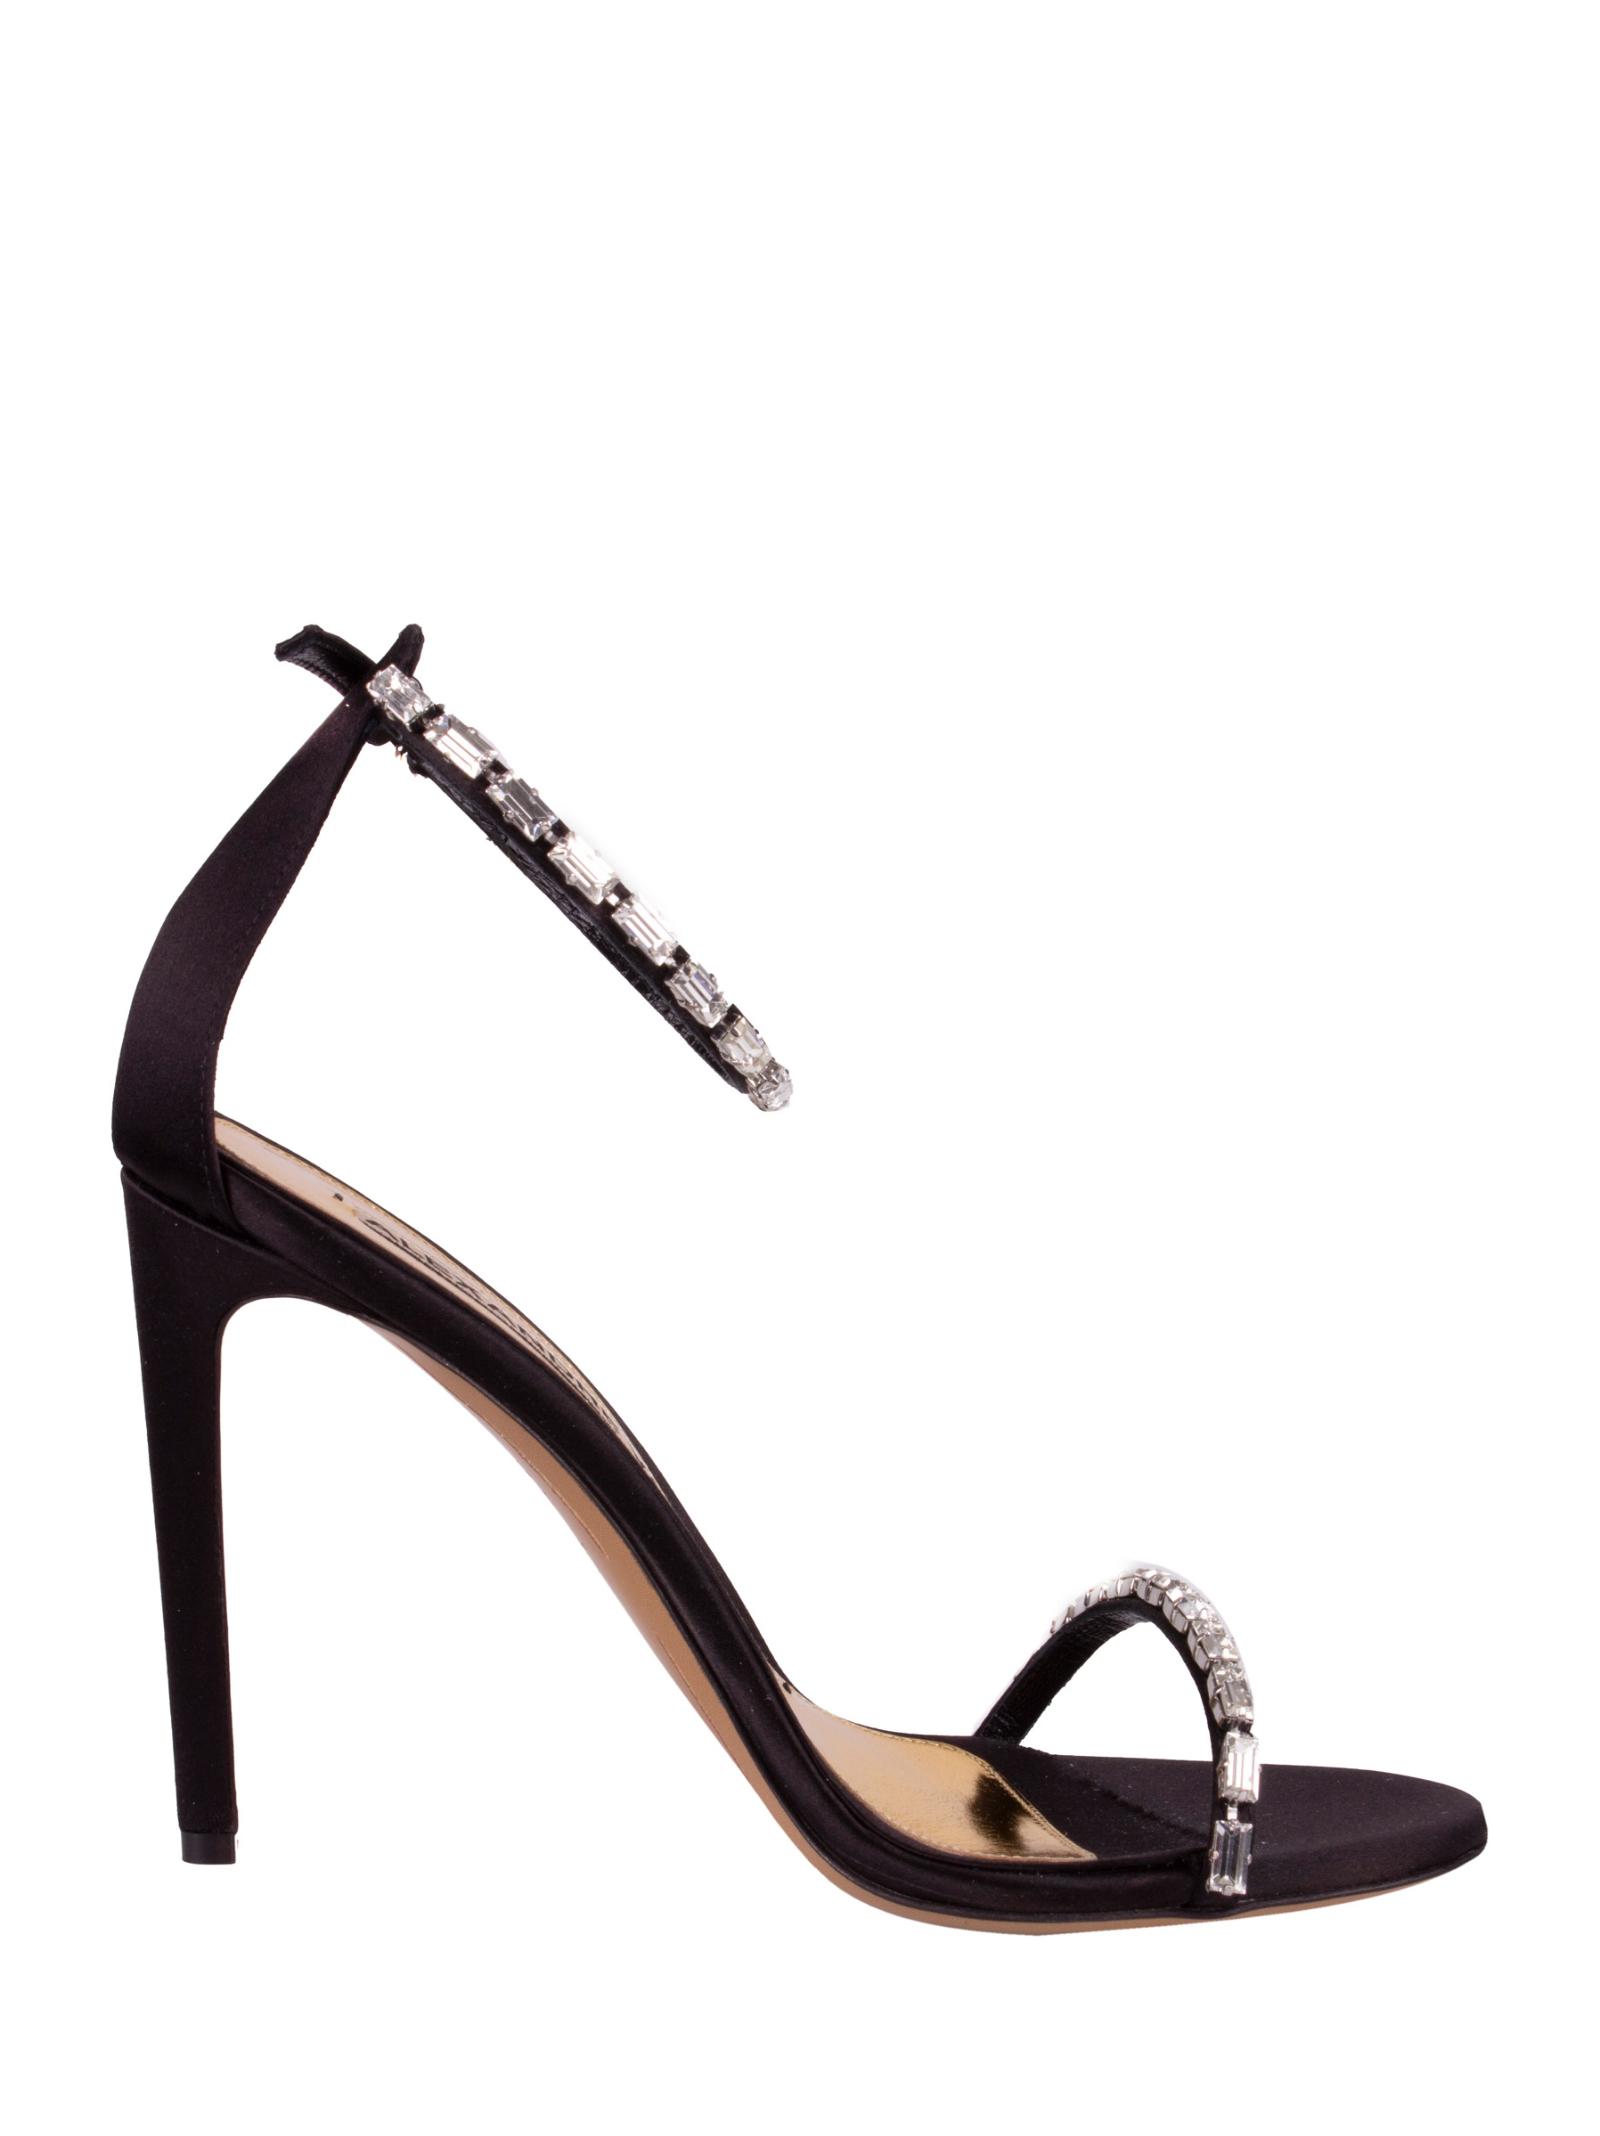 0479c4cc Alexandre Vauthier sandals - Alexandre Vauthier - Michele Franzese Moda